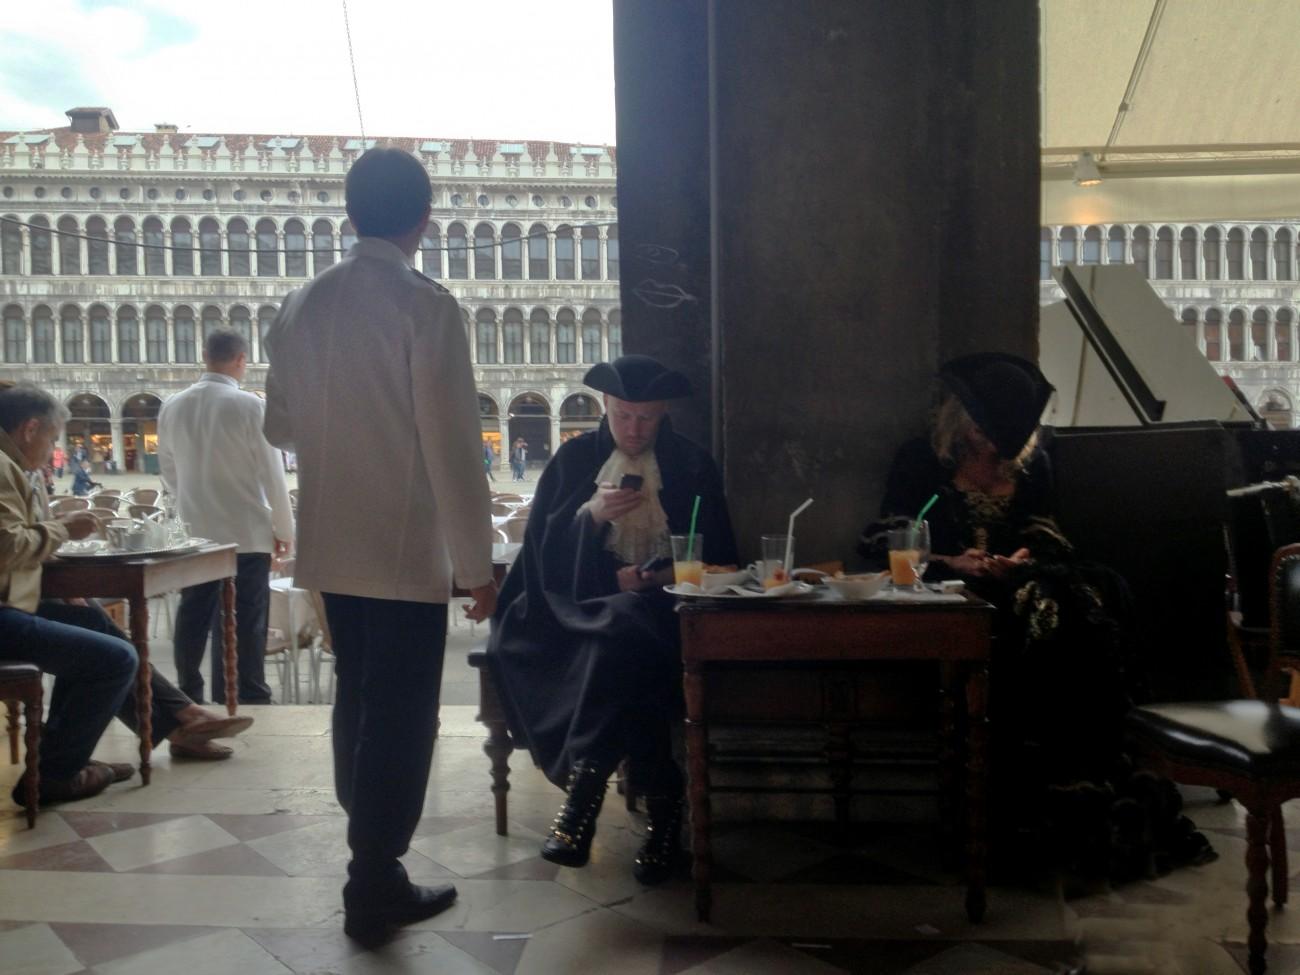 Between songs, Venice